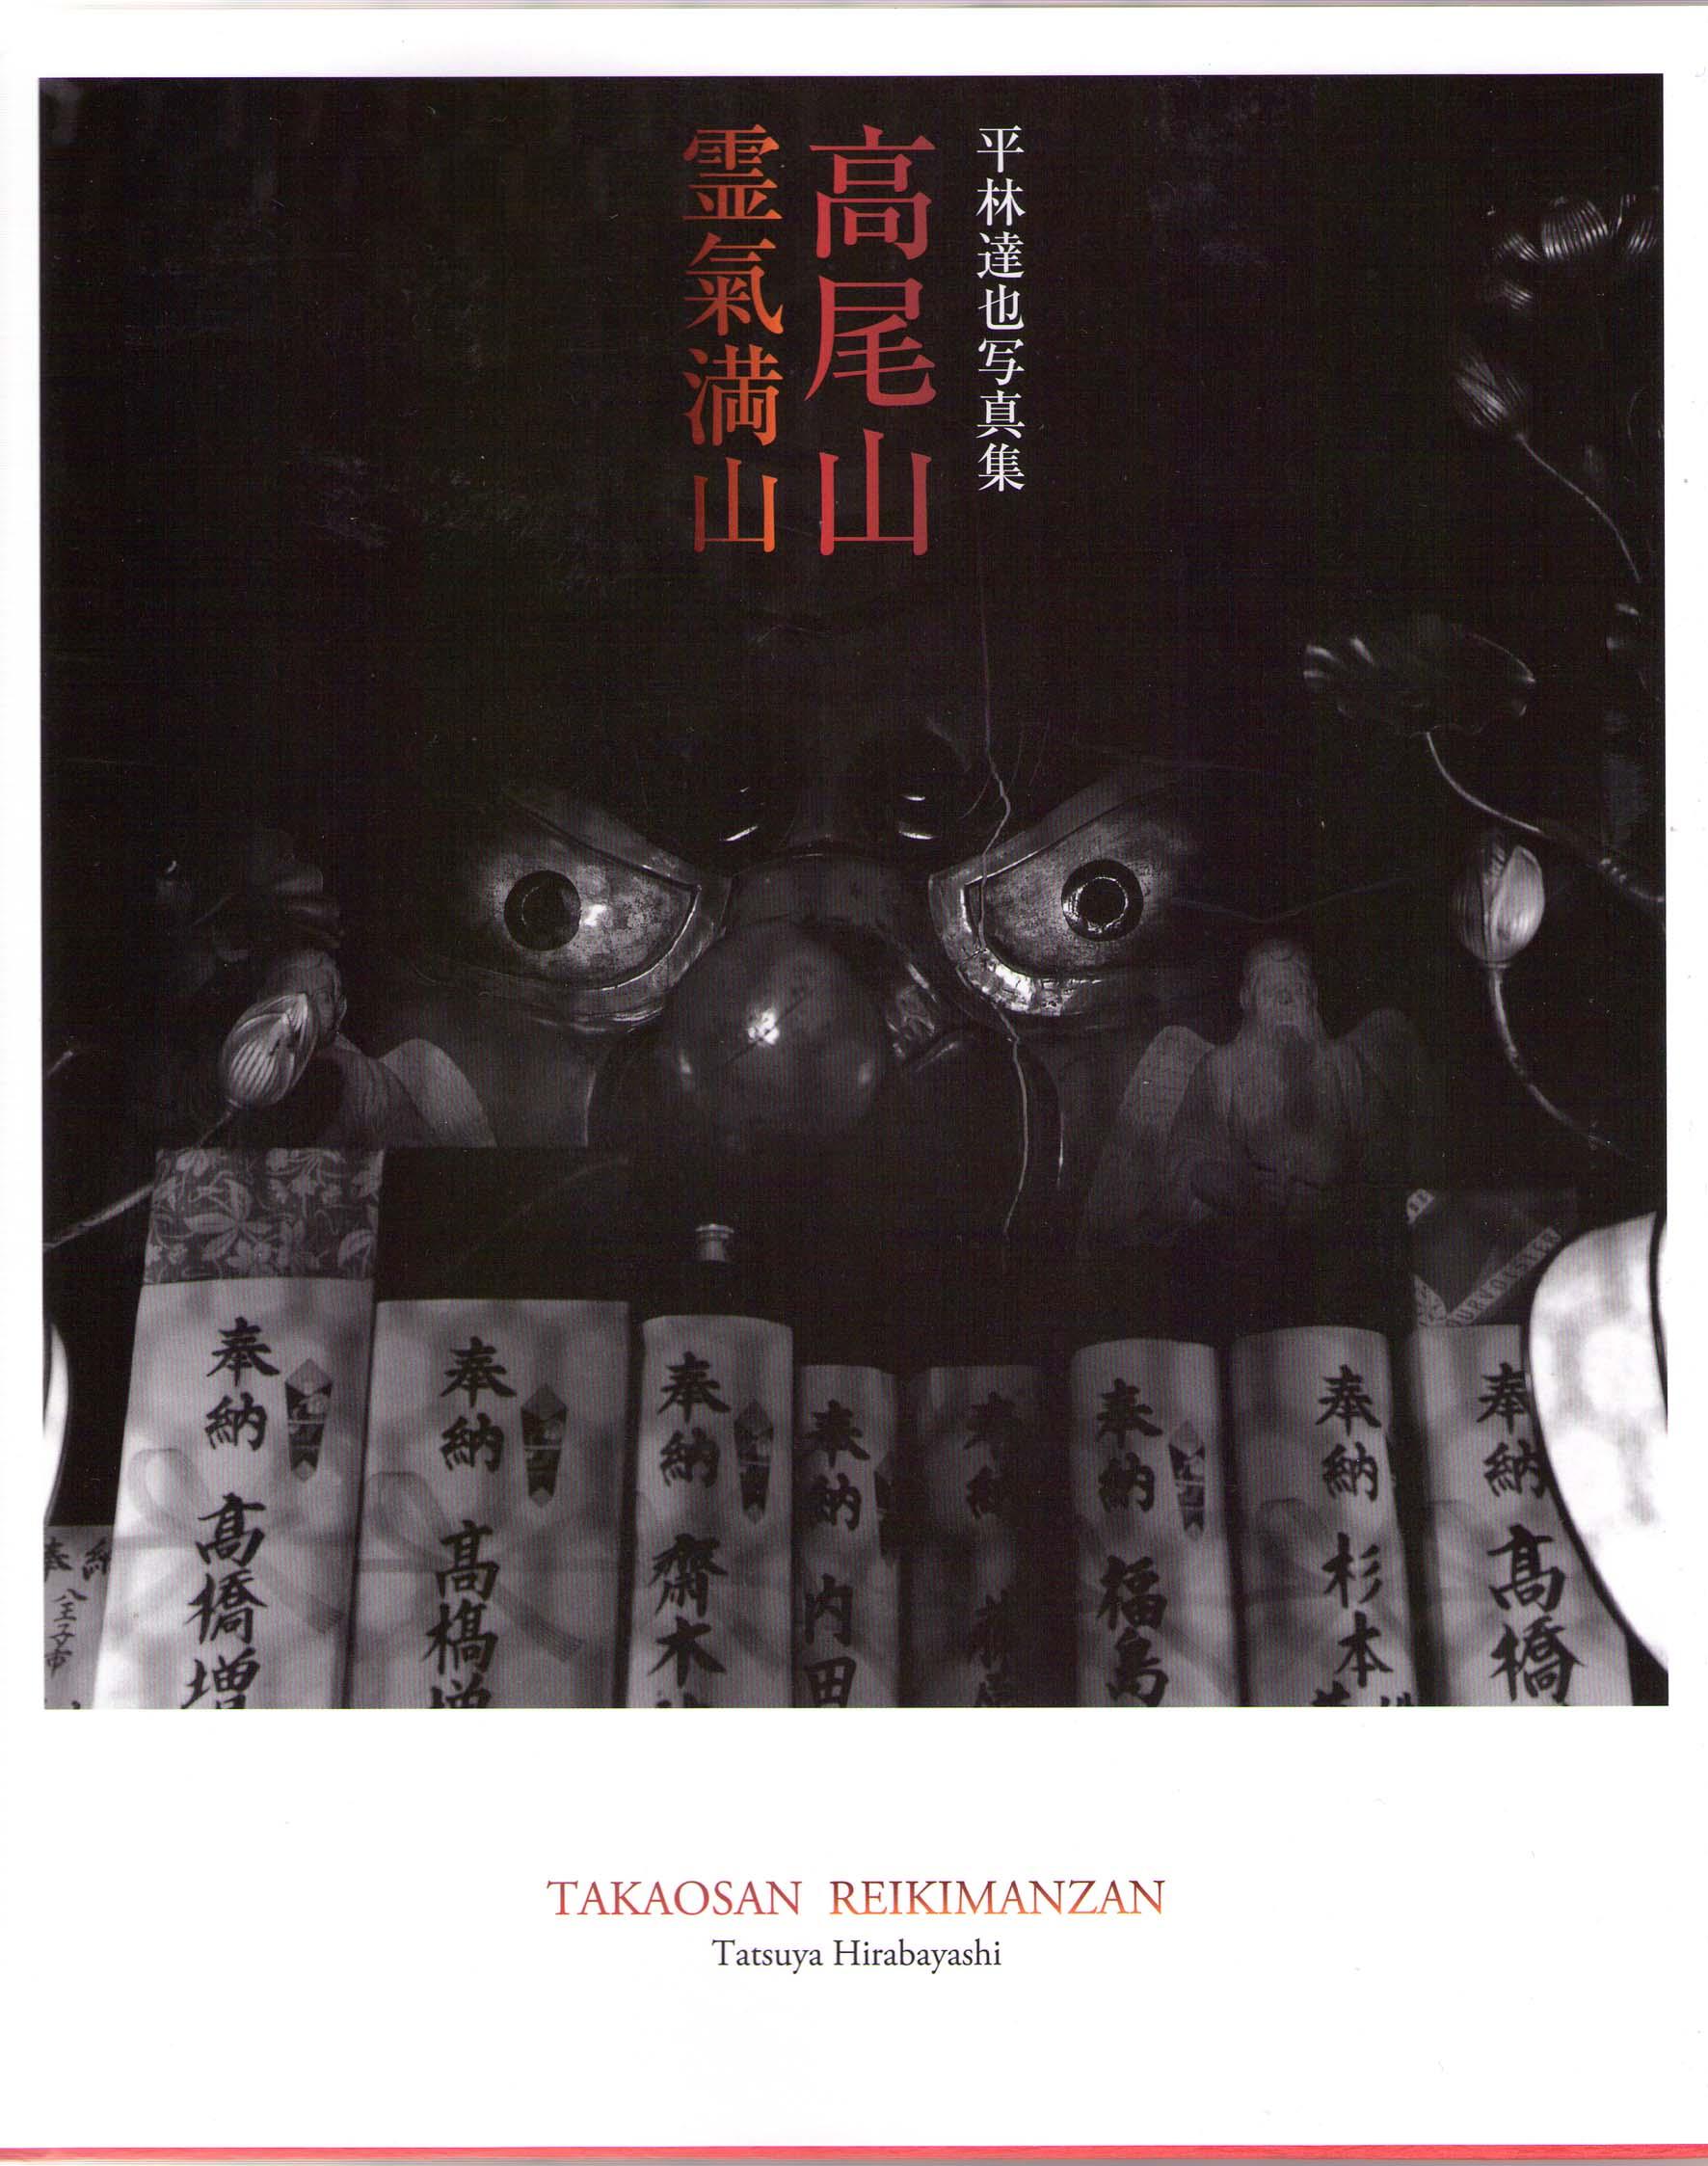 日本図書館協会選定図書 五感に響く写真集――高尾山の本当の魅力がここにある。四季折々に漂う霊気を見事に活写した珠玉の写真集!定価本体2800円/ハードカバー